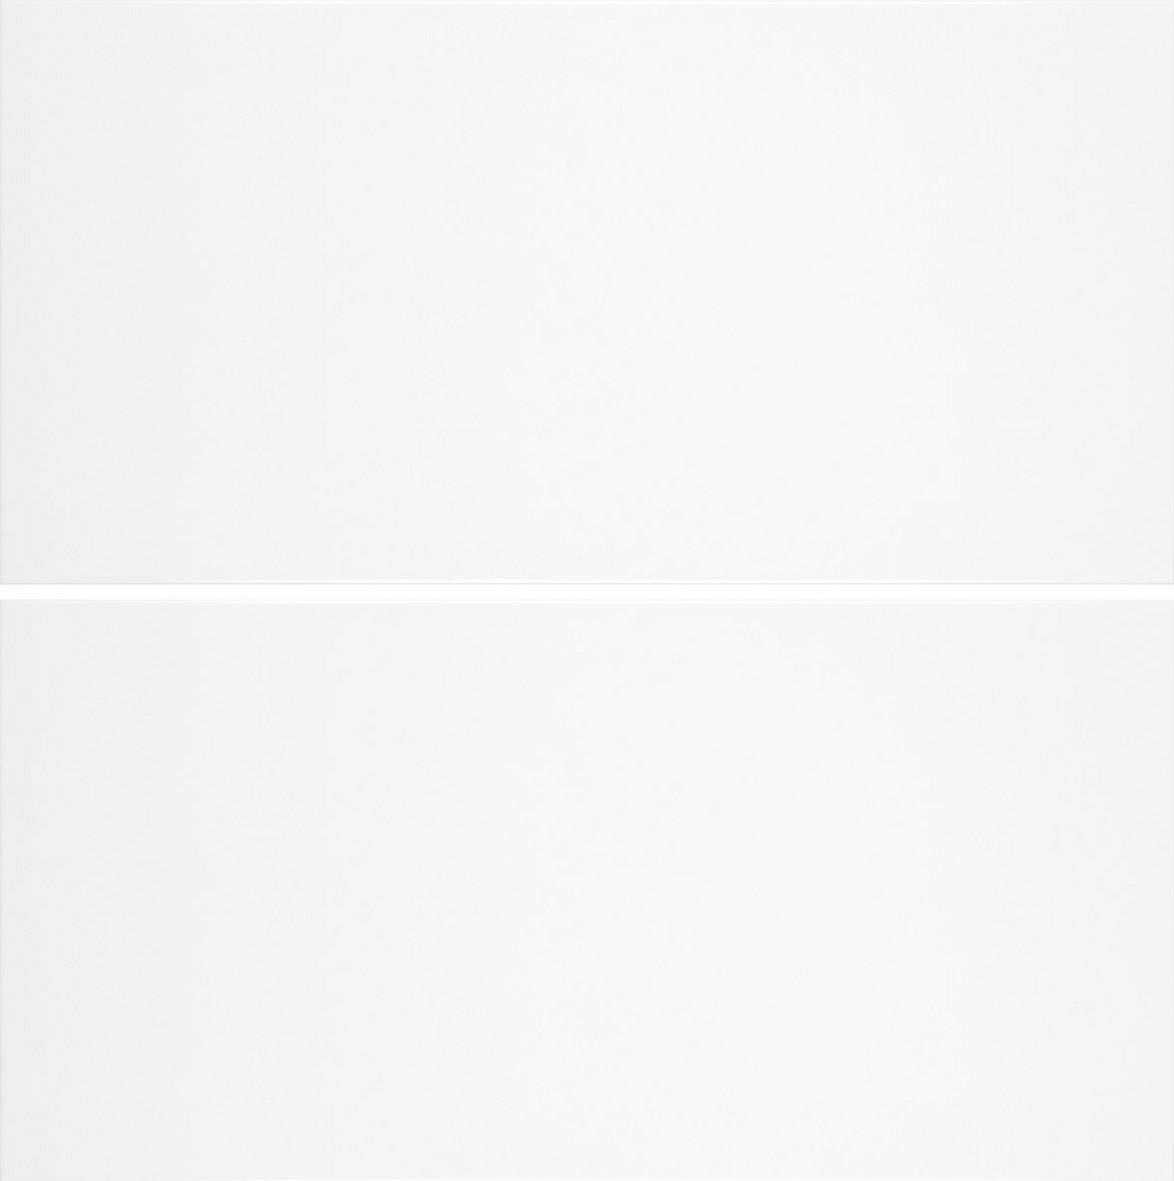 Revestimento 30x60 Idea Bianco BOLD Portobello  - Comercial Tuan Materiais para Construção